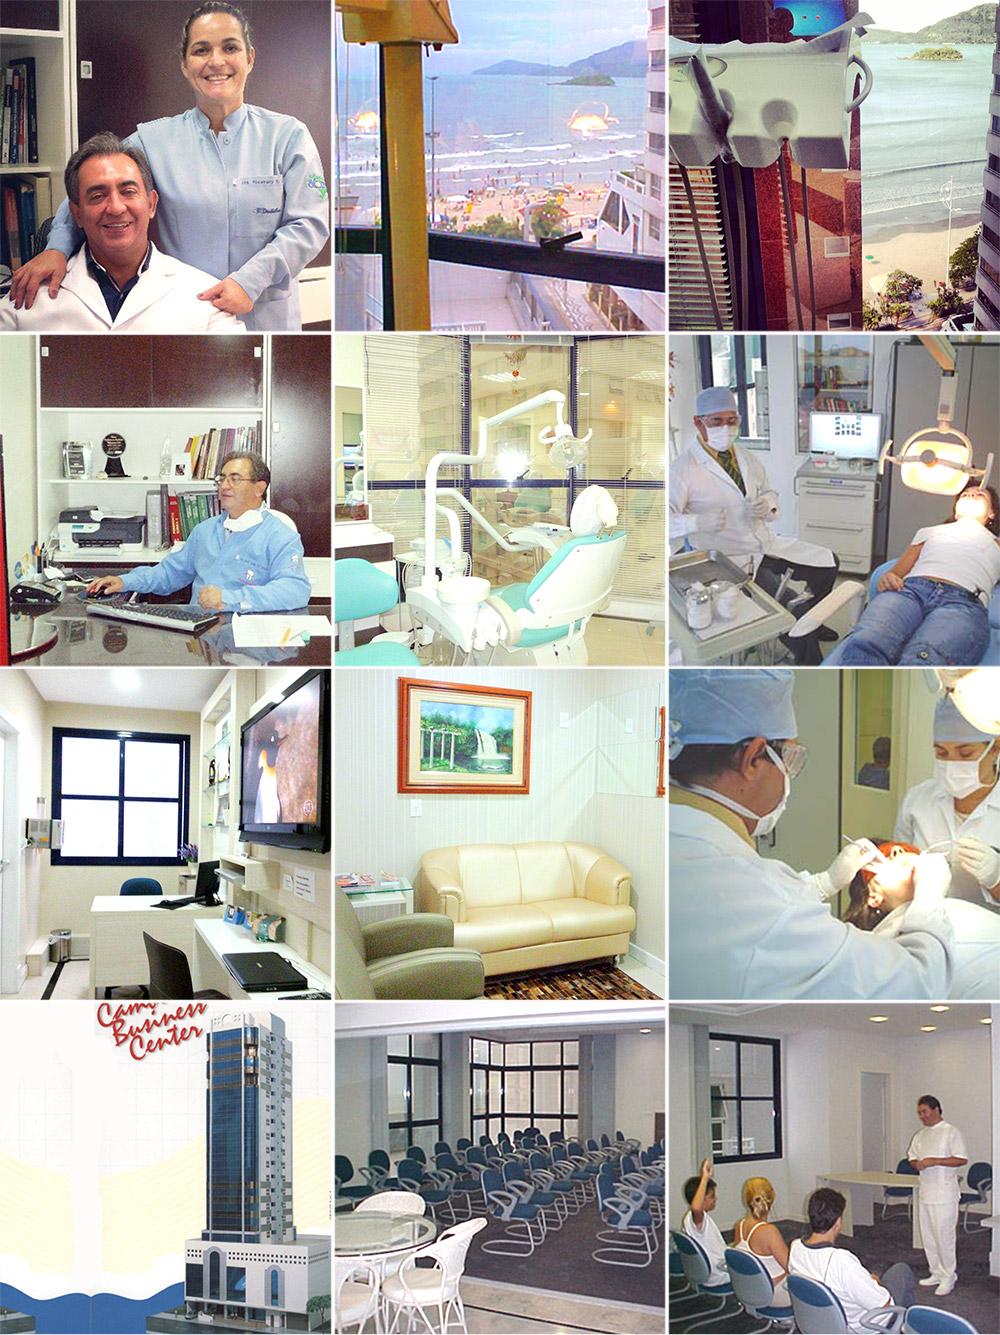 clinica odontologica - dentistas em balneario camboriu